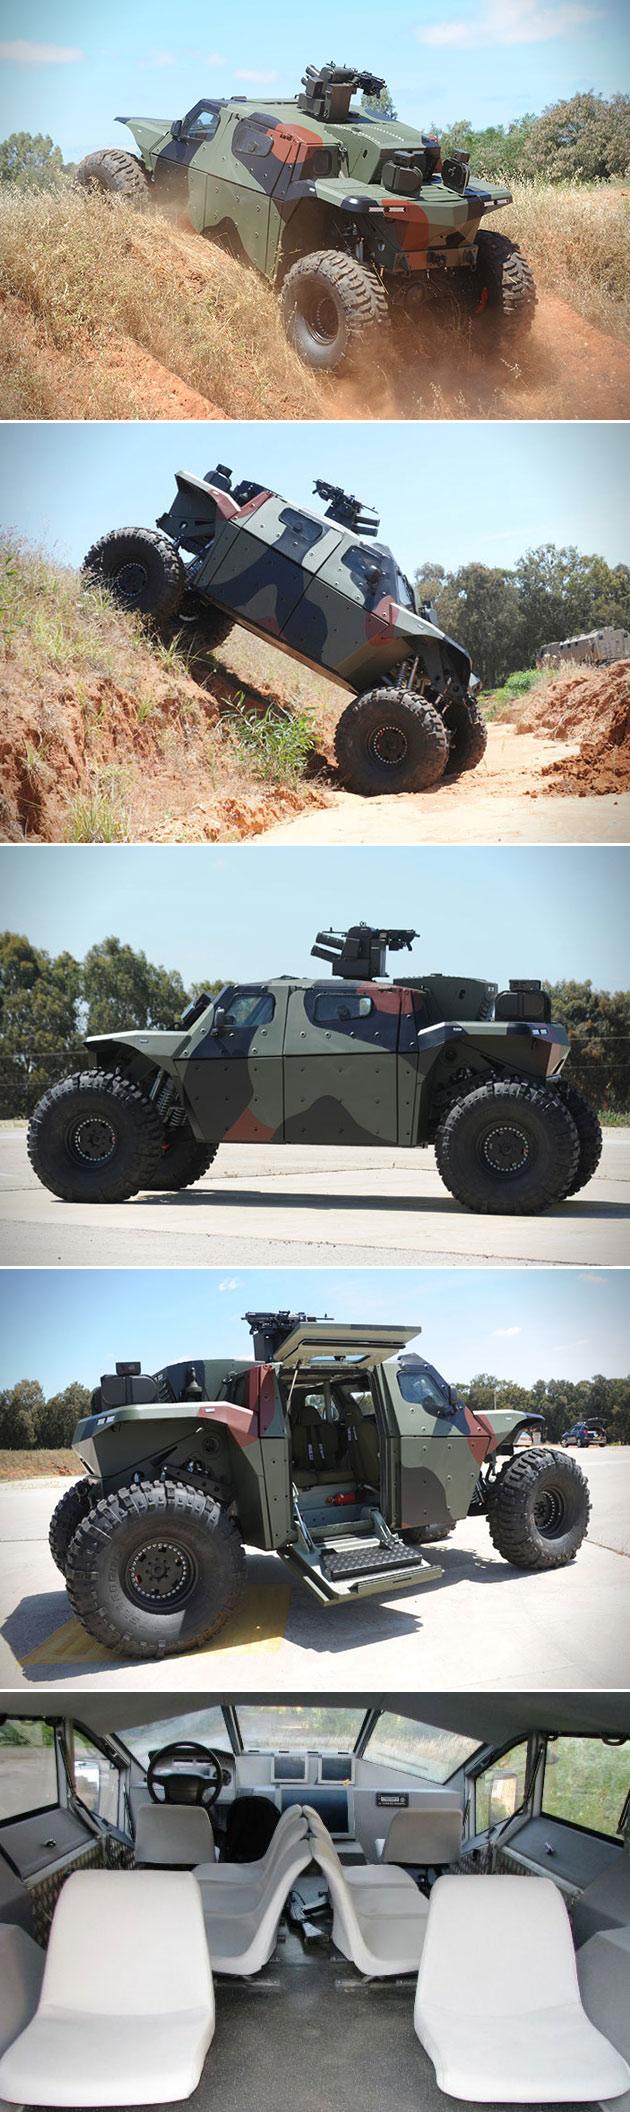 Combat Guard Vehicle Real Halo Vehicle